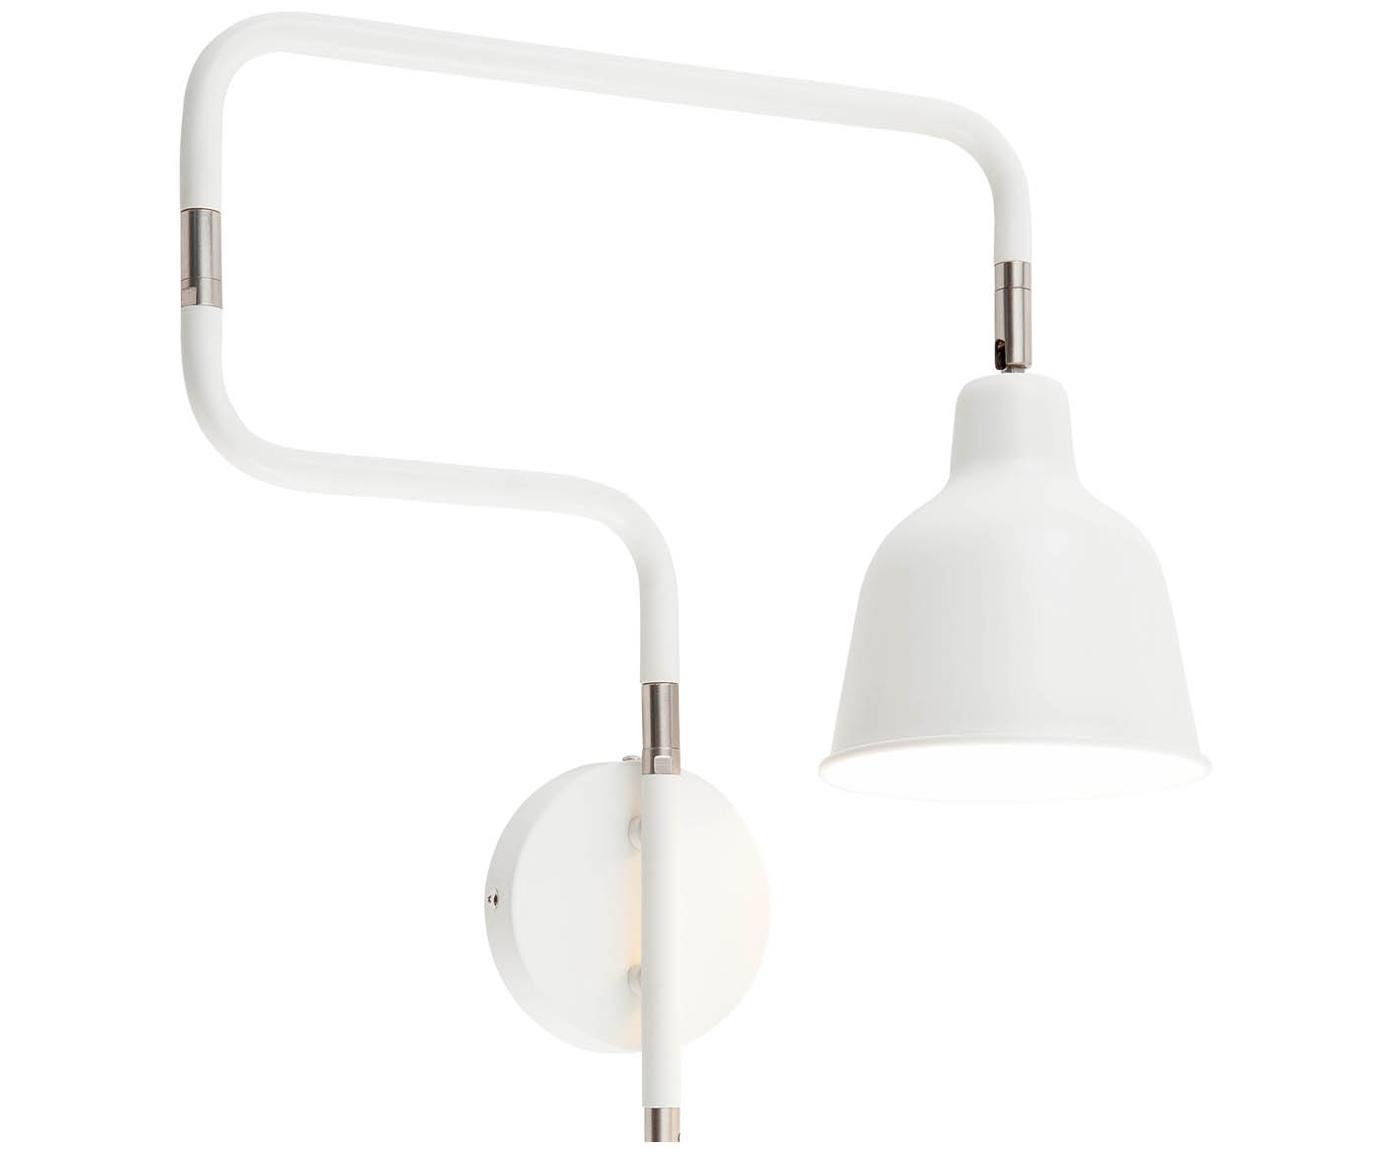 Aplique Multi, con enchufe, Lámpara: metal pintado, Cable: cubierto en tela, Blanco, An 63 x Al 40 cm